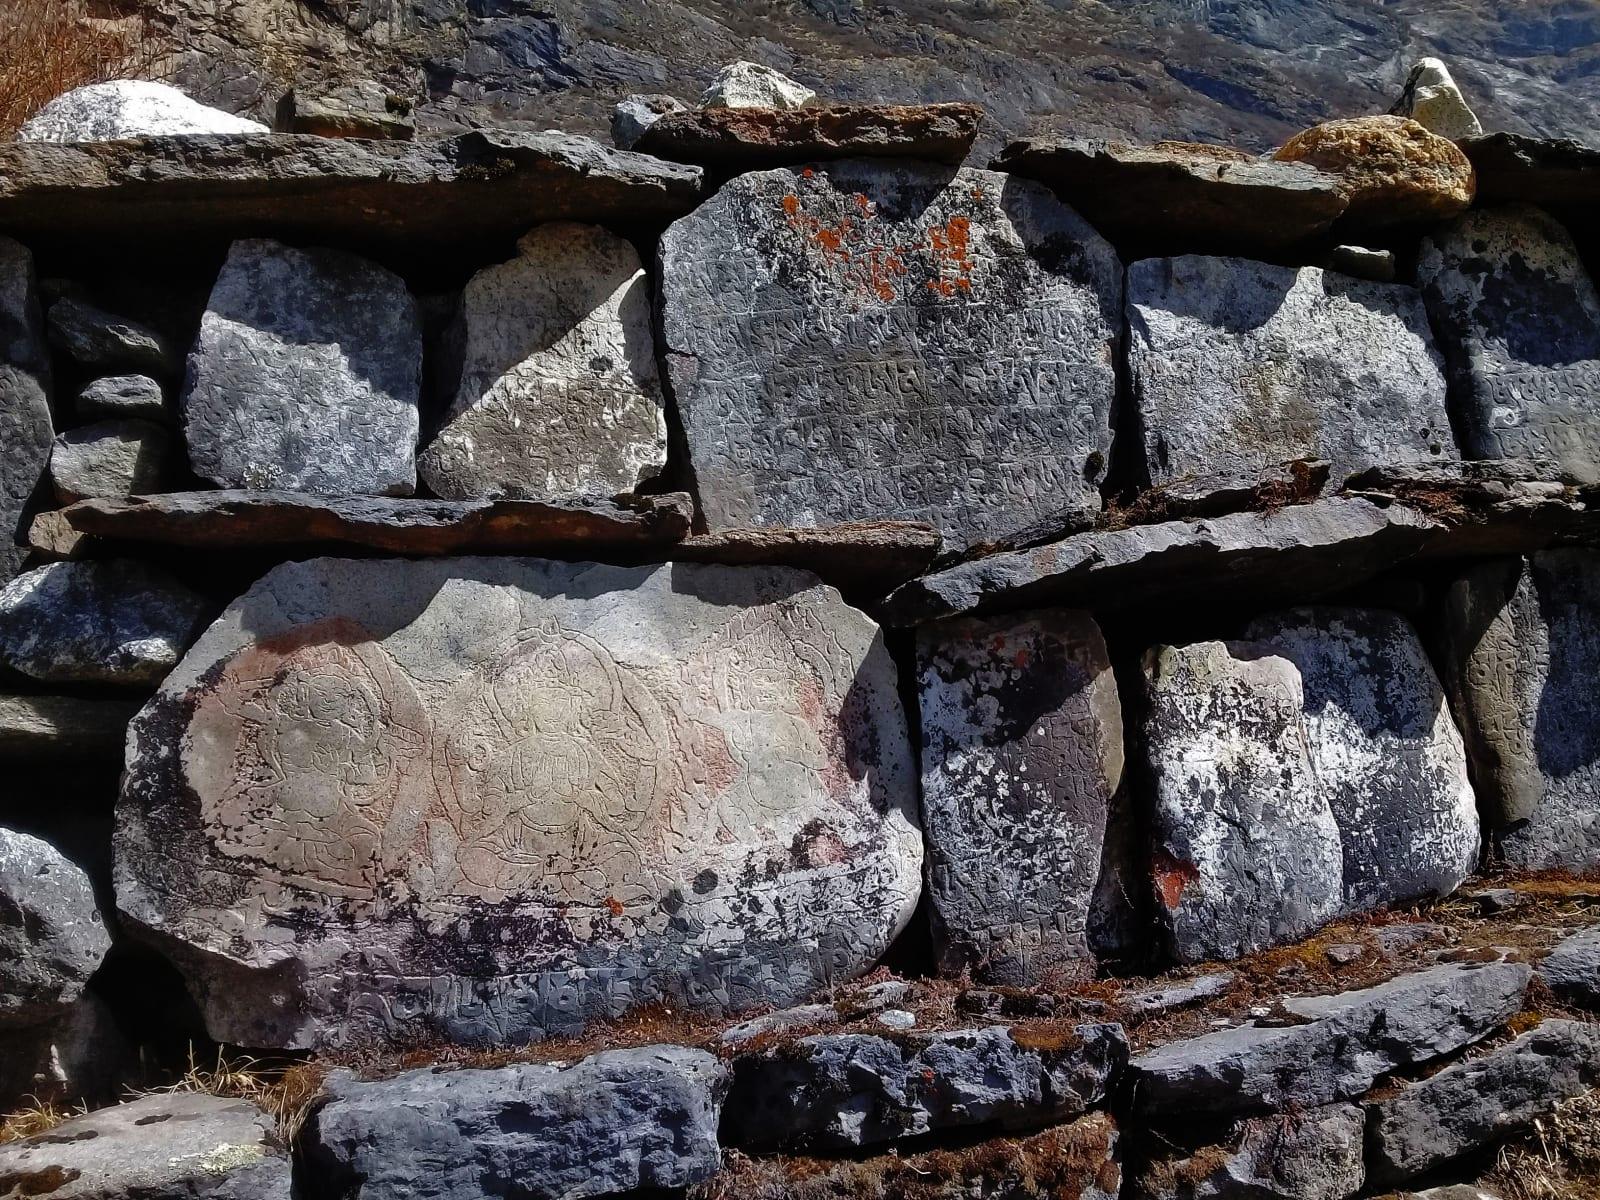 Modlitby a buddhistická vyobrazení na kamenech, Nepál